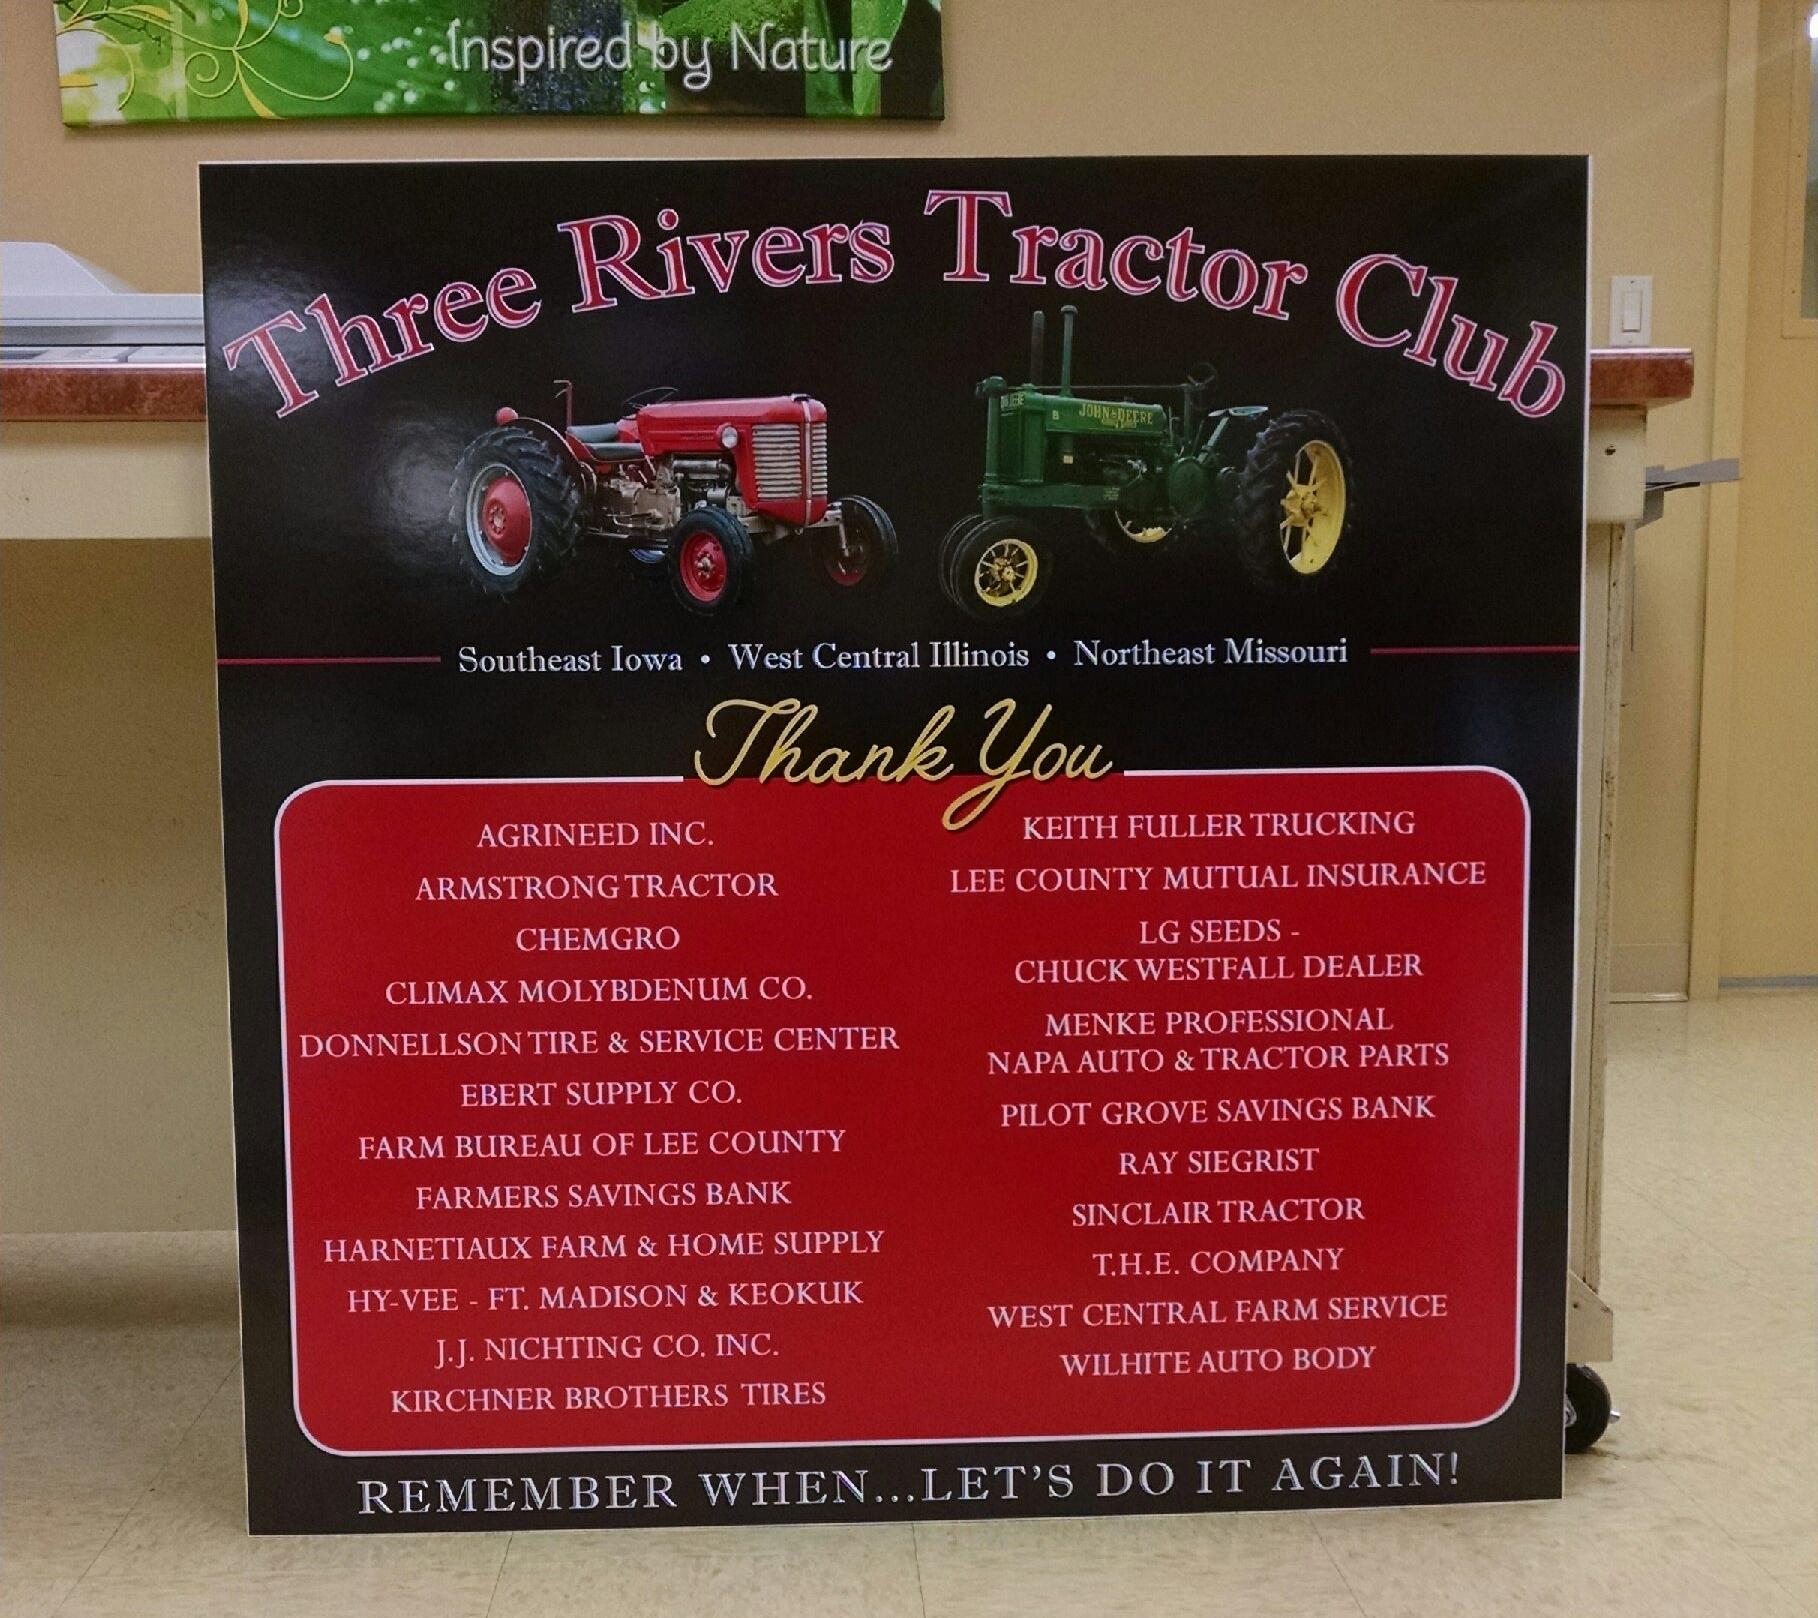 ThreeRiversTractorClub